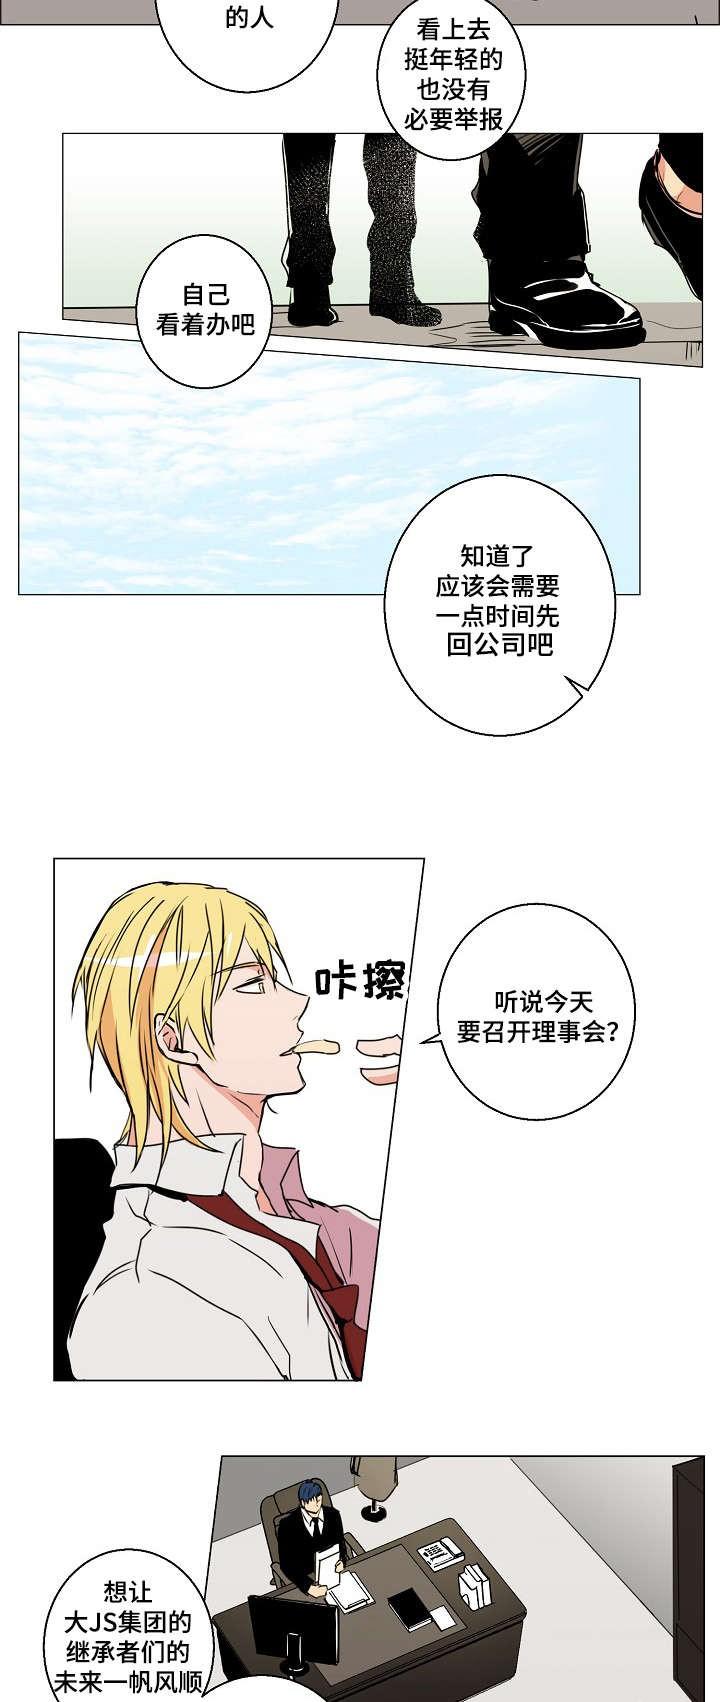 《捡了个吸血鬼》—(韩国漫画)—(全文免费阅读)